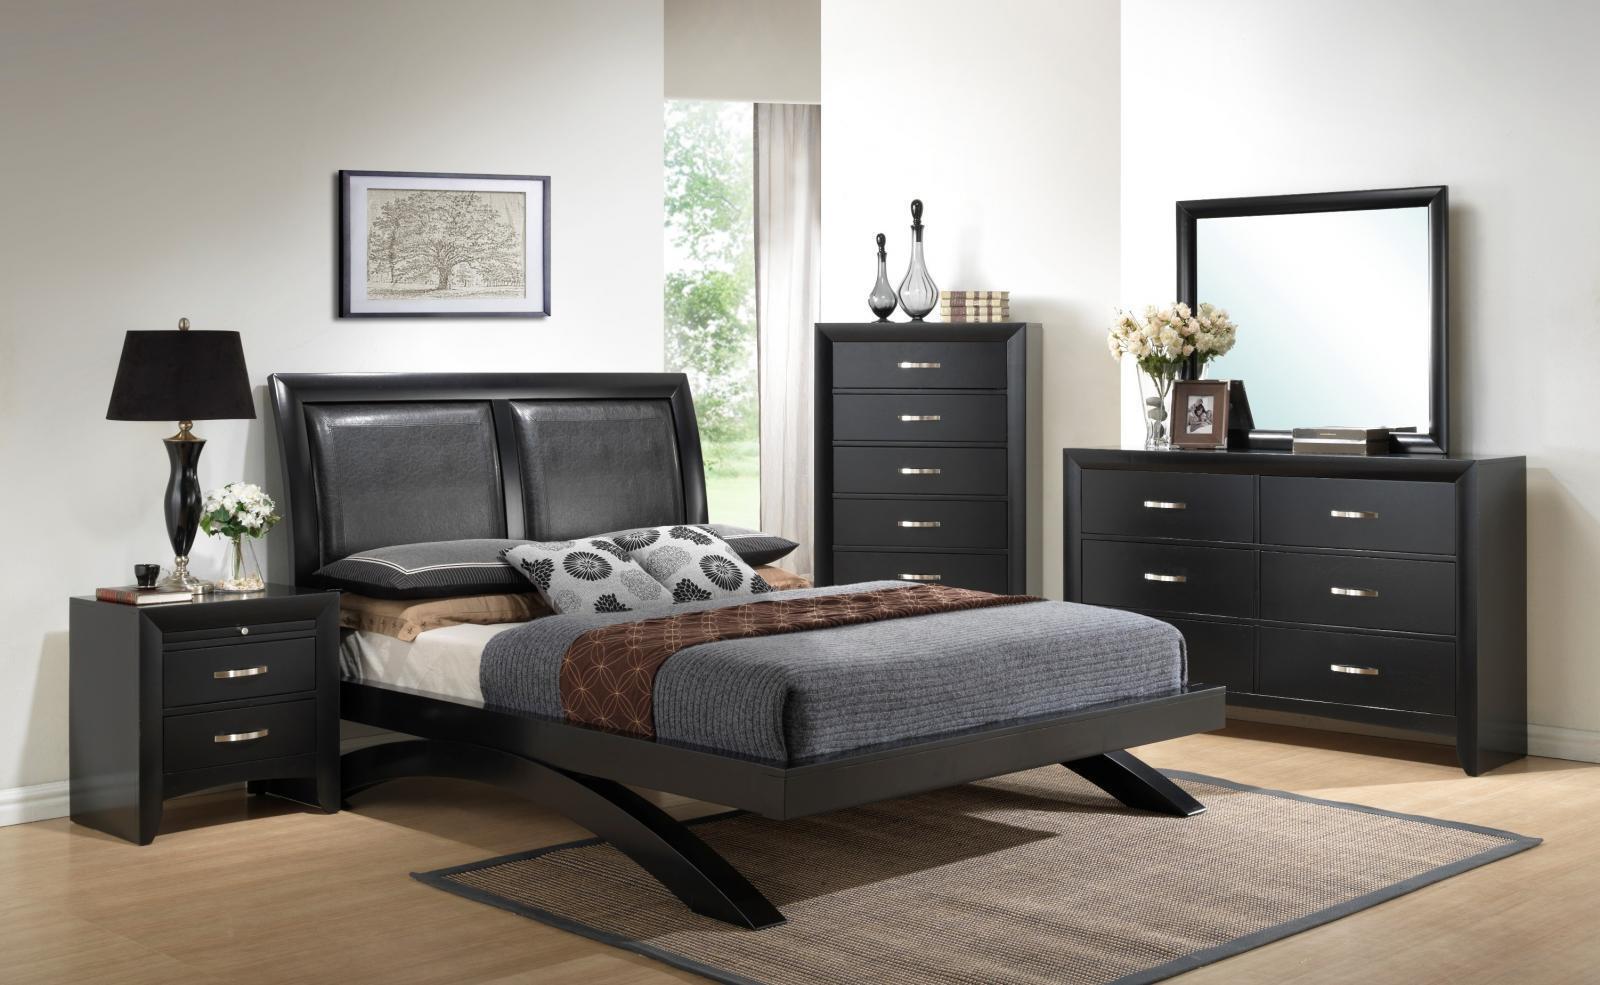 Crown Mark B4380 Black Wood Bedroom Furniture Set for sale online   eBay